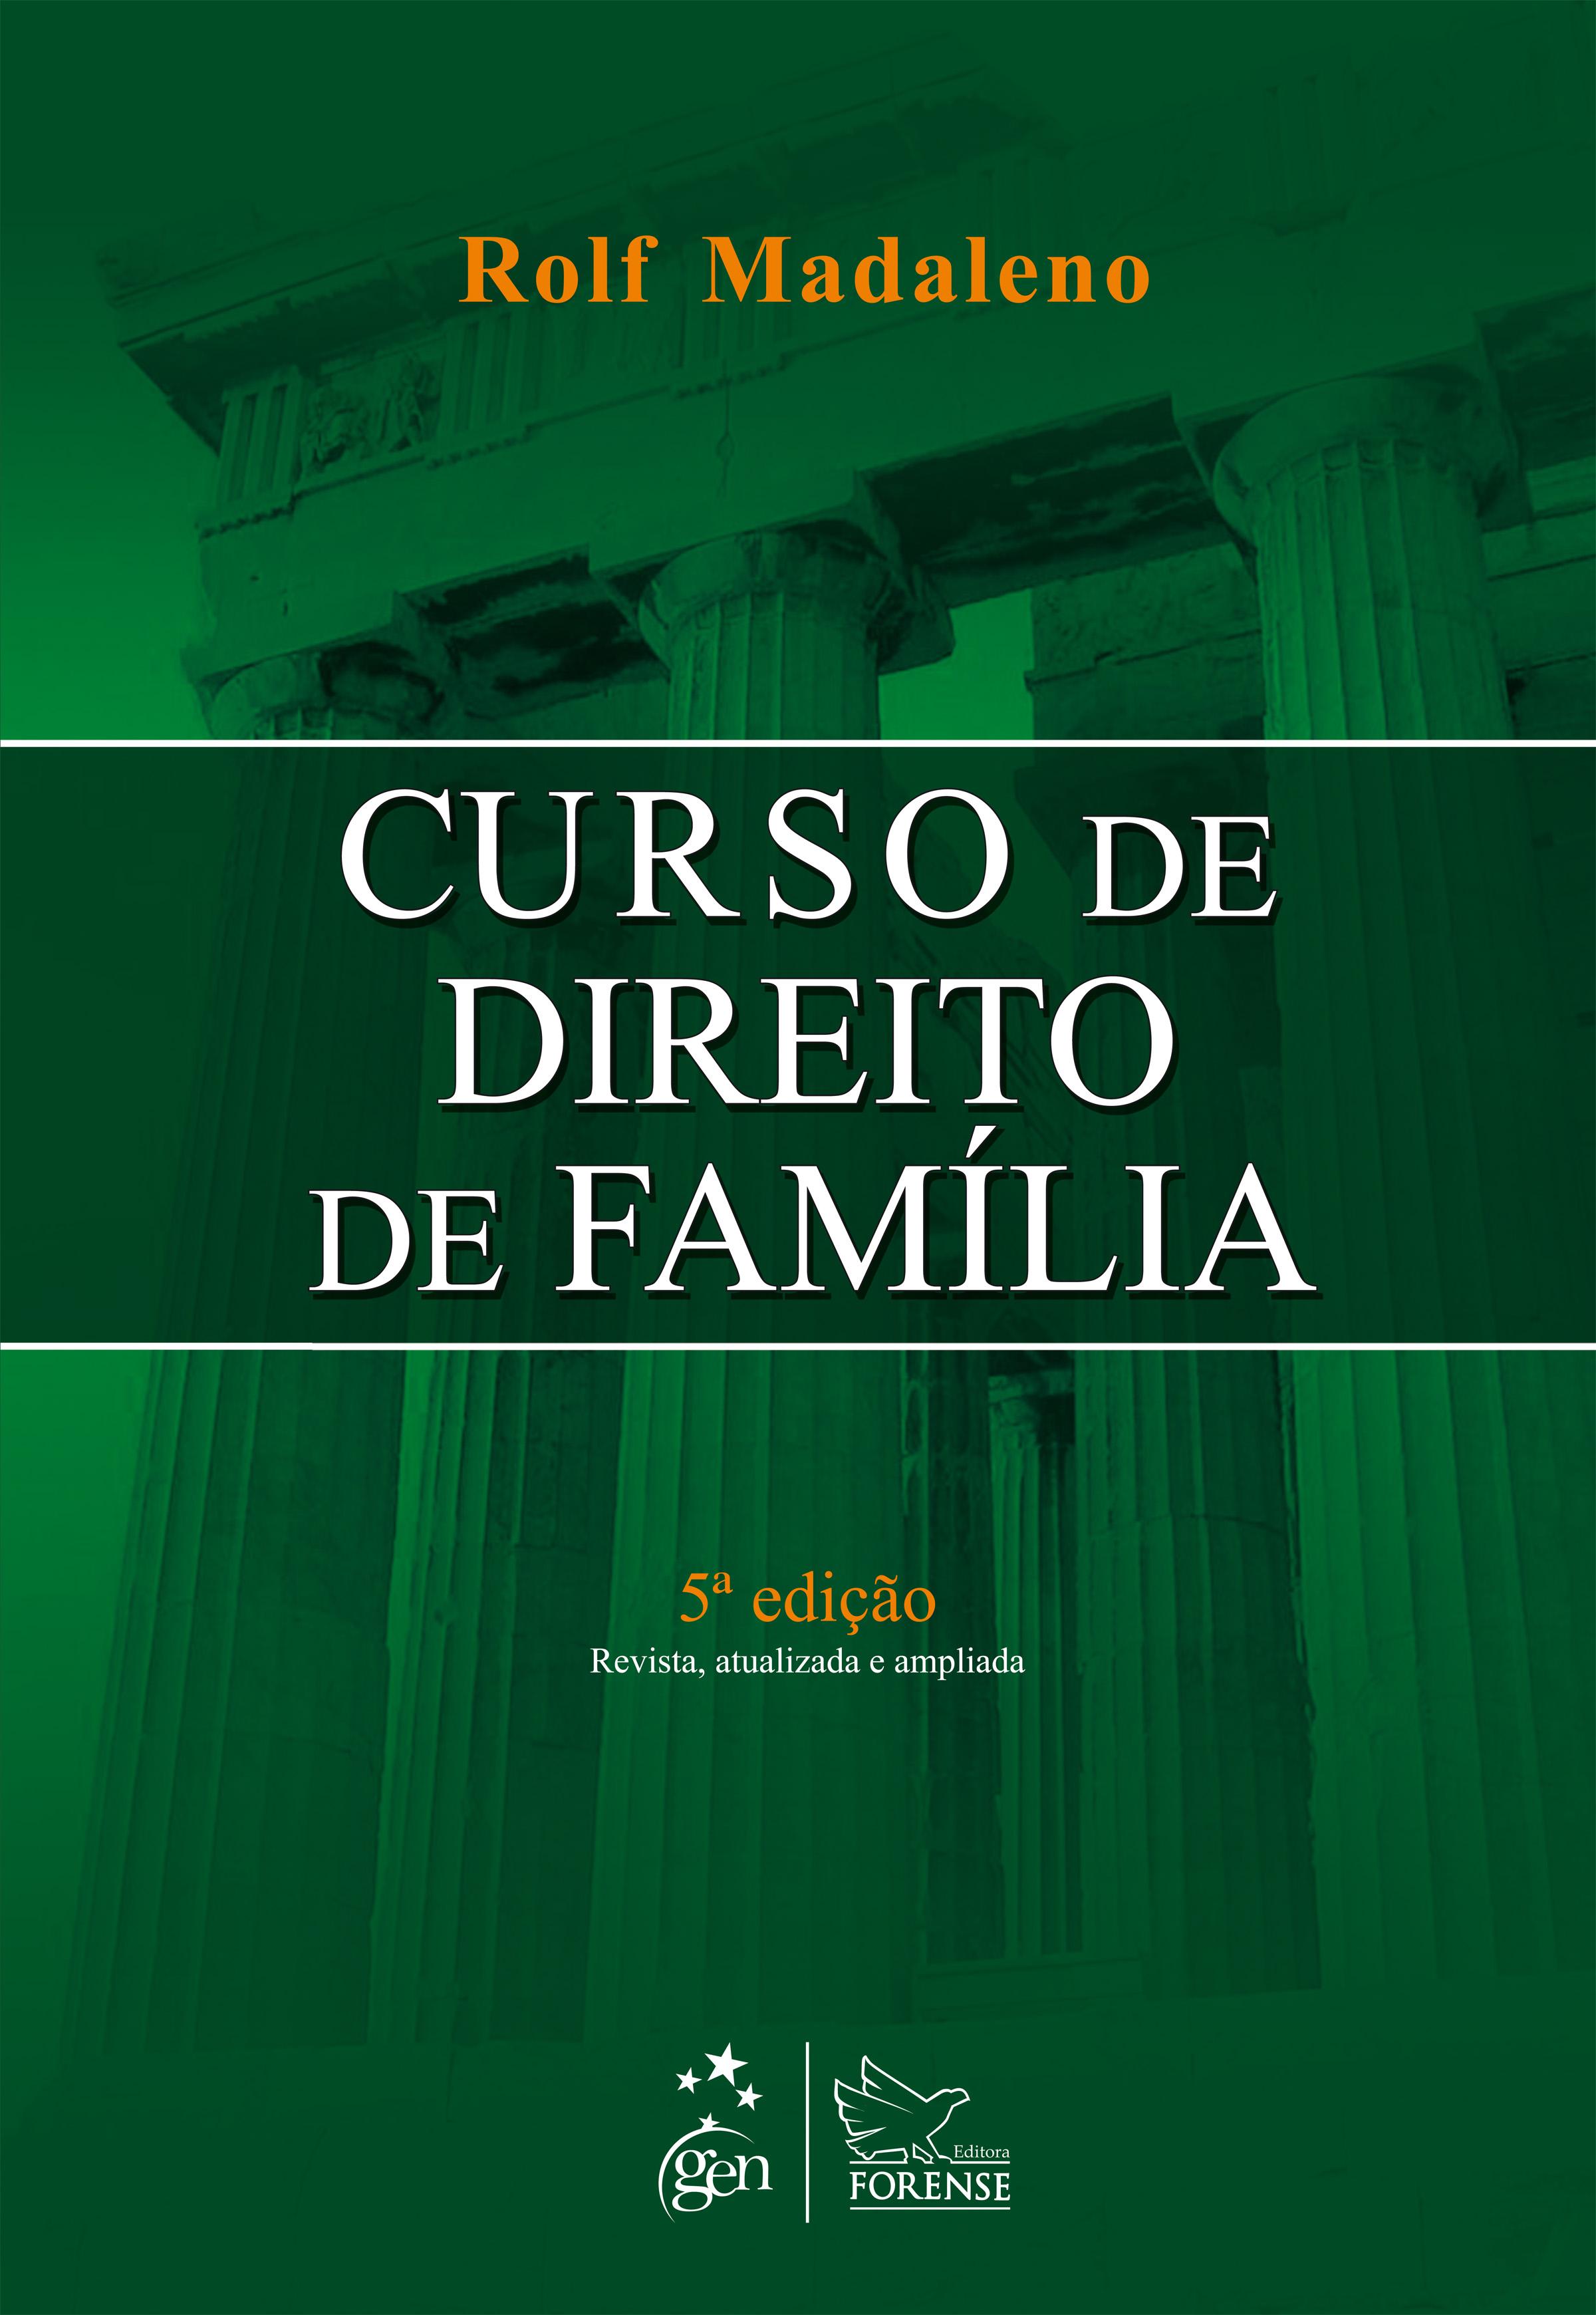 curso_direito_familia_verde.indd